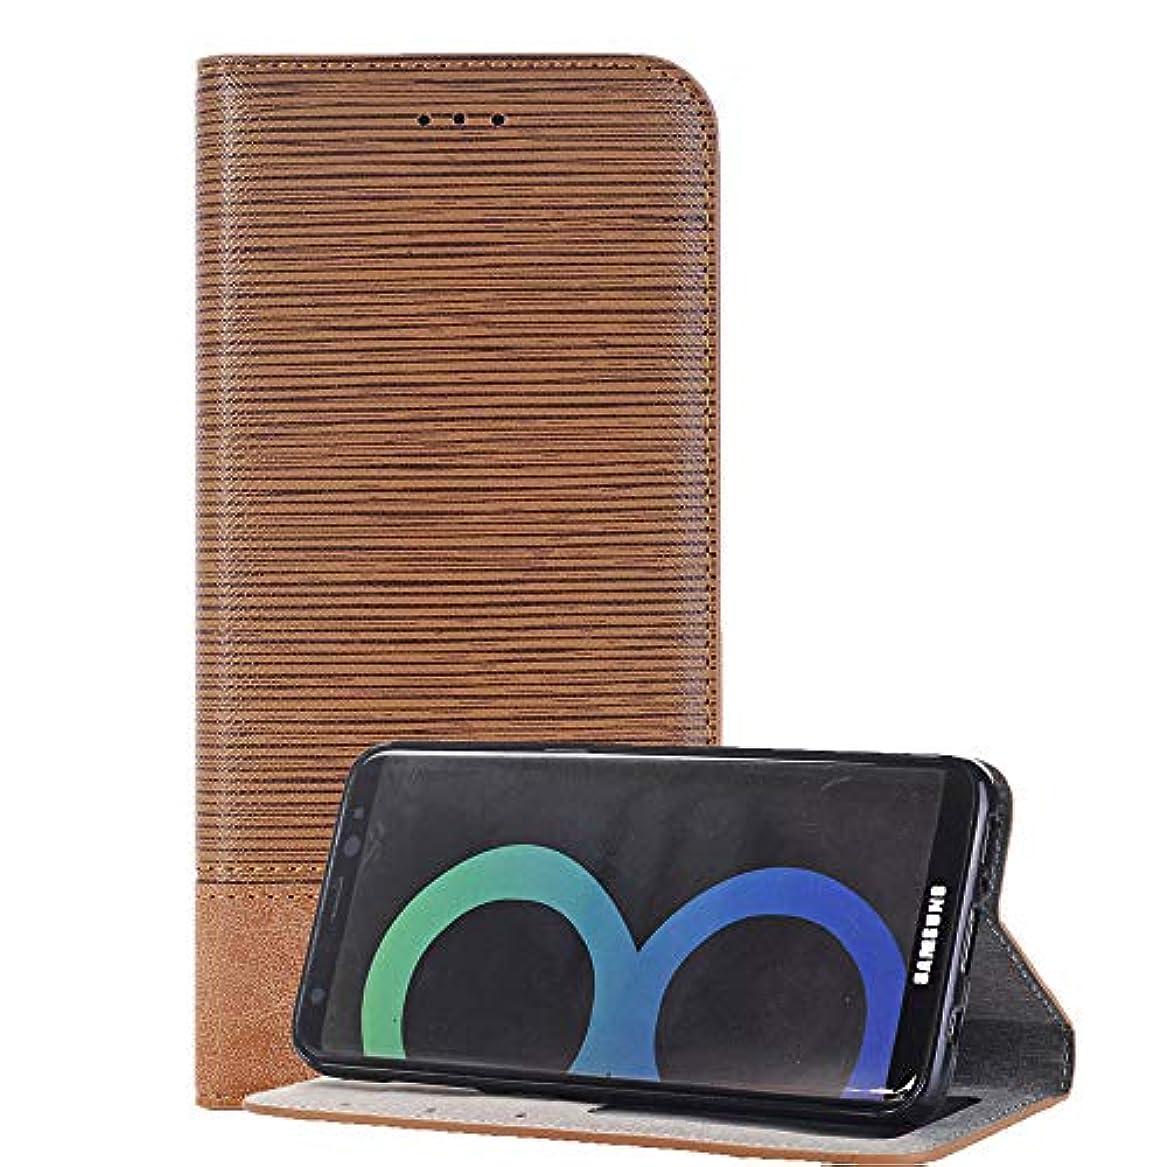 確認する平手打ち勇敢なSamsung Galaxy S8 手帳型 ケース ギャラクシーs8 スマホケース カバー 脱着簡単 カードポケット 高品質 人気 おしゃれ カバー(ライトブラウン)